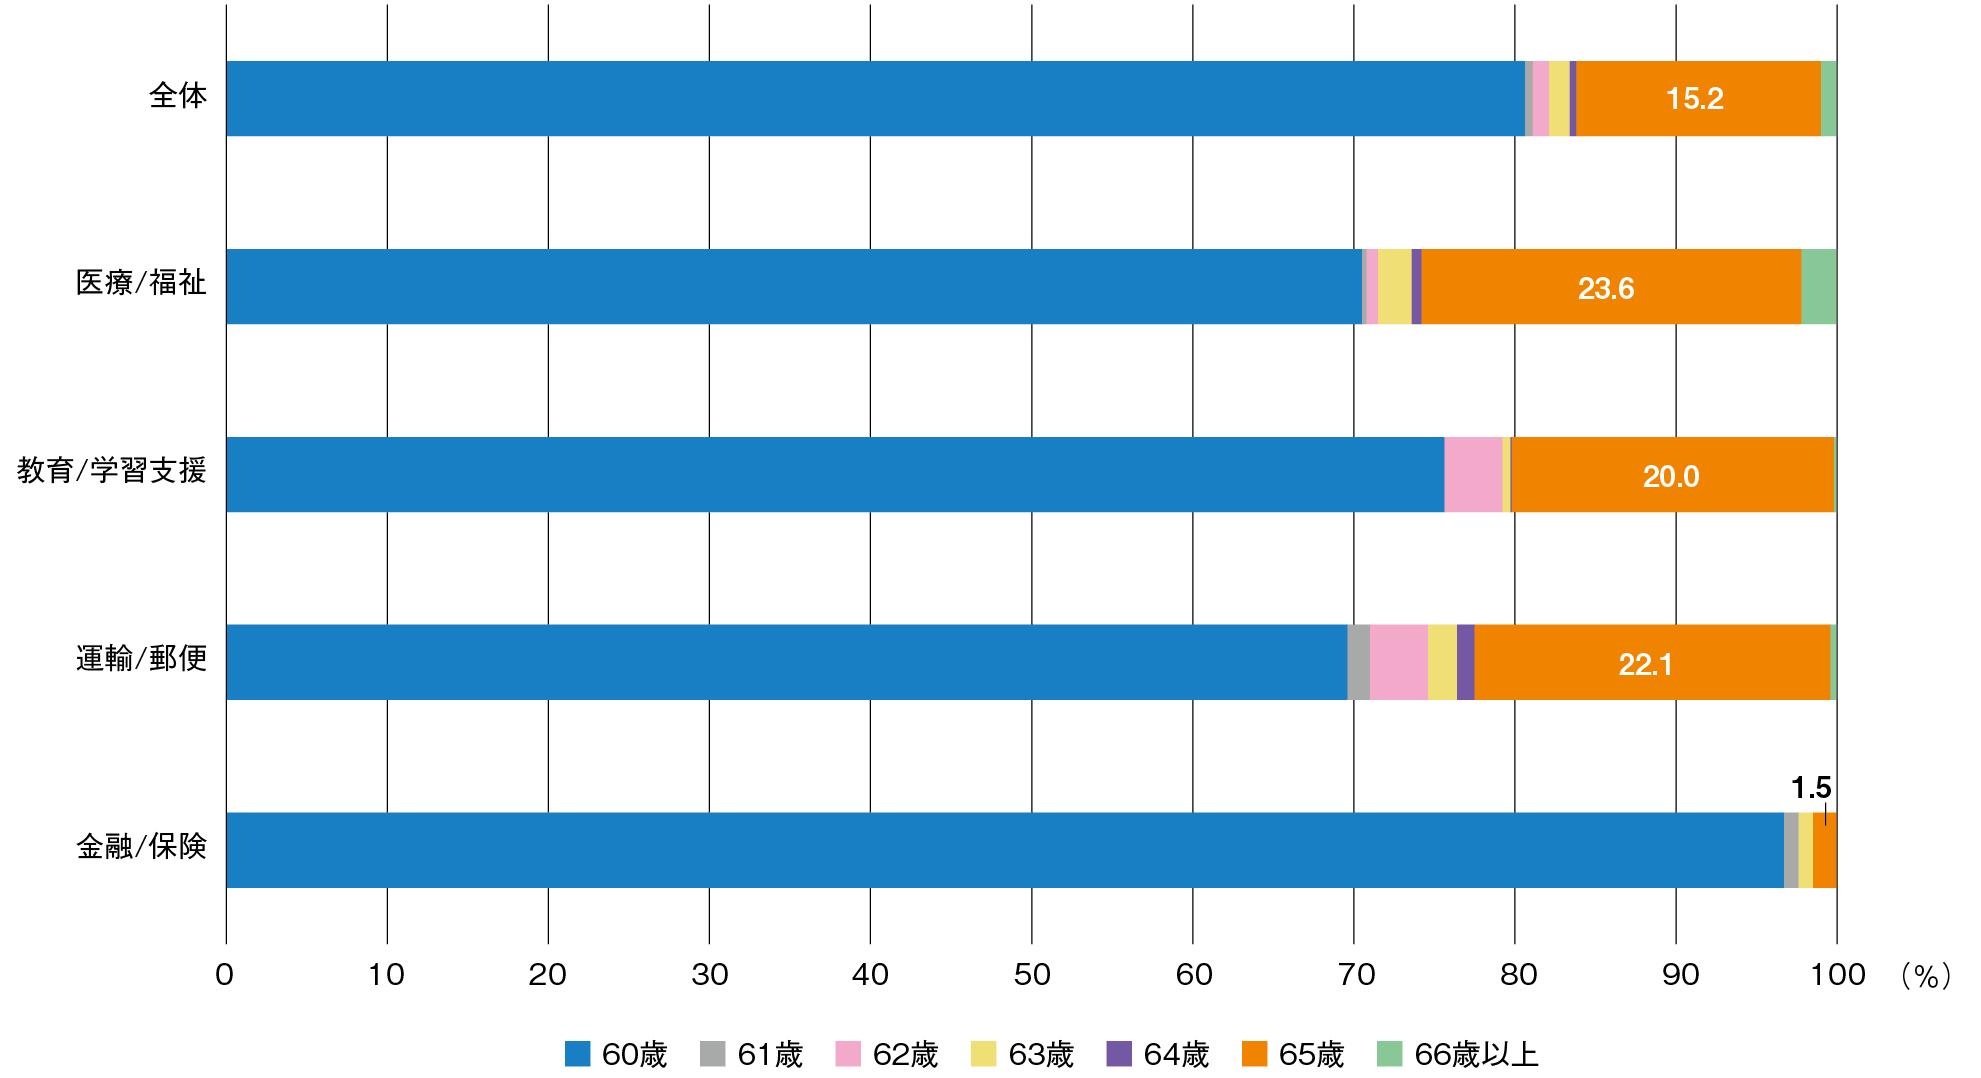 図1-2-6 日本における業種別の定年年齢(2016年) (出所:厚生労働省「就労条件総合調査報告」を基に筆者が作成)